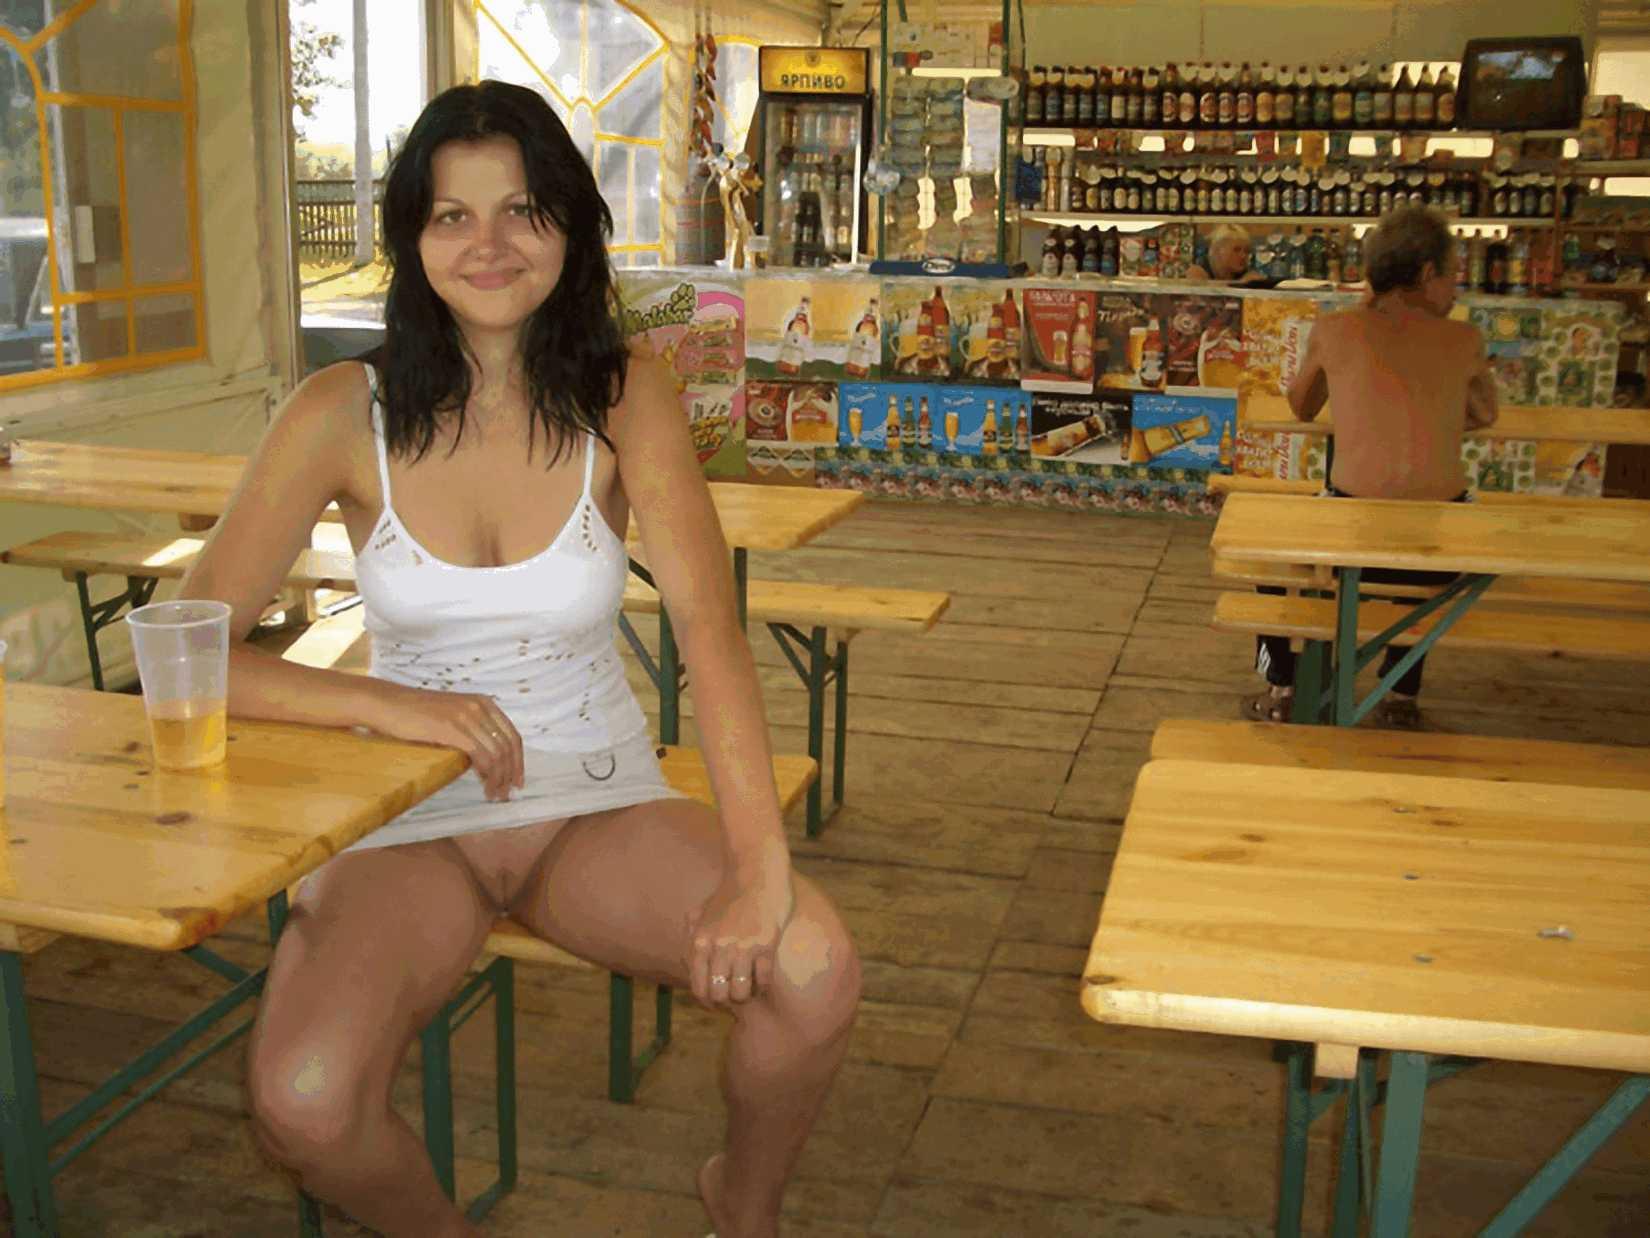 У русских девушек под юбкой частное фото, девушки без трусиков, под юбкой » Подборки 21 фотография